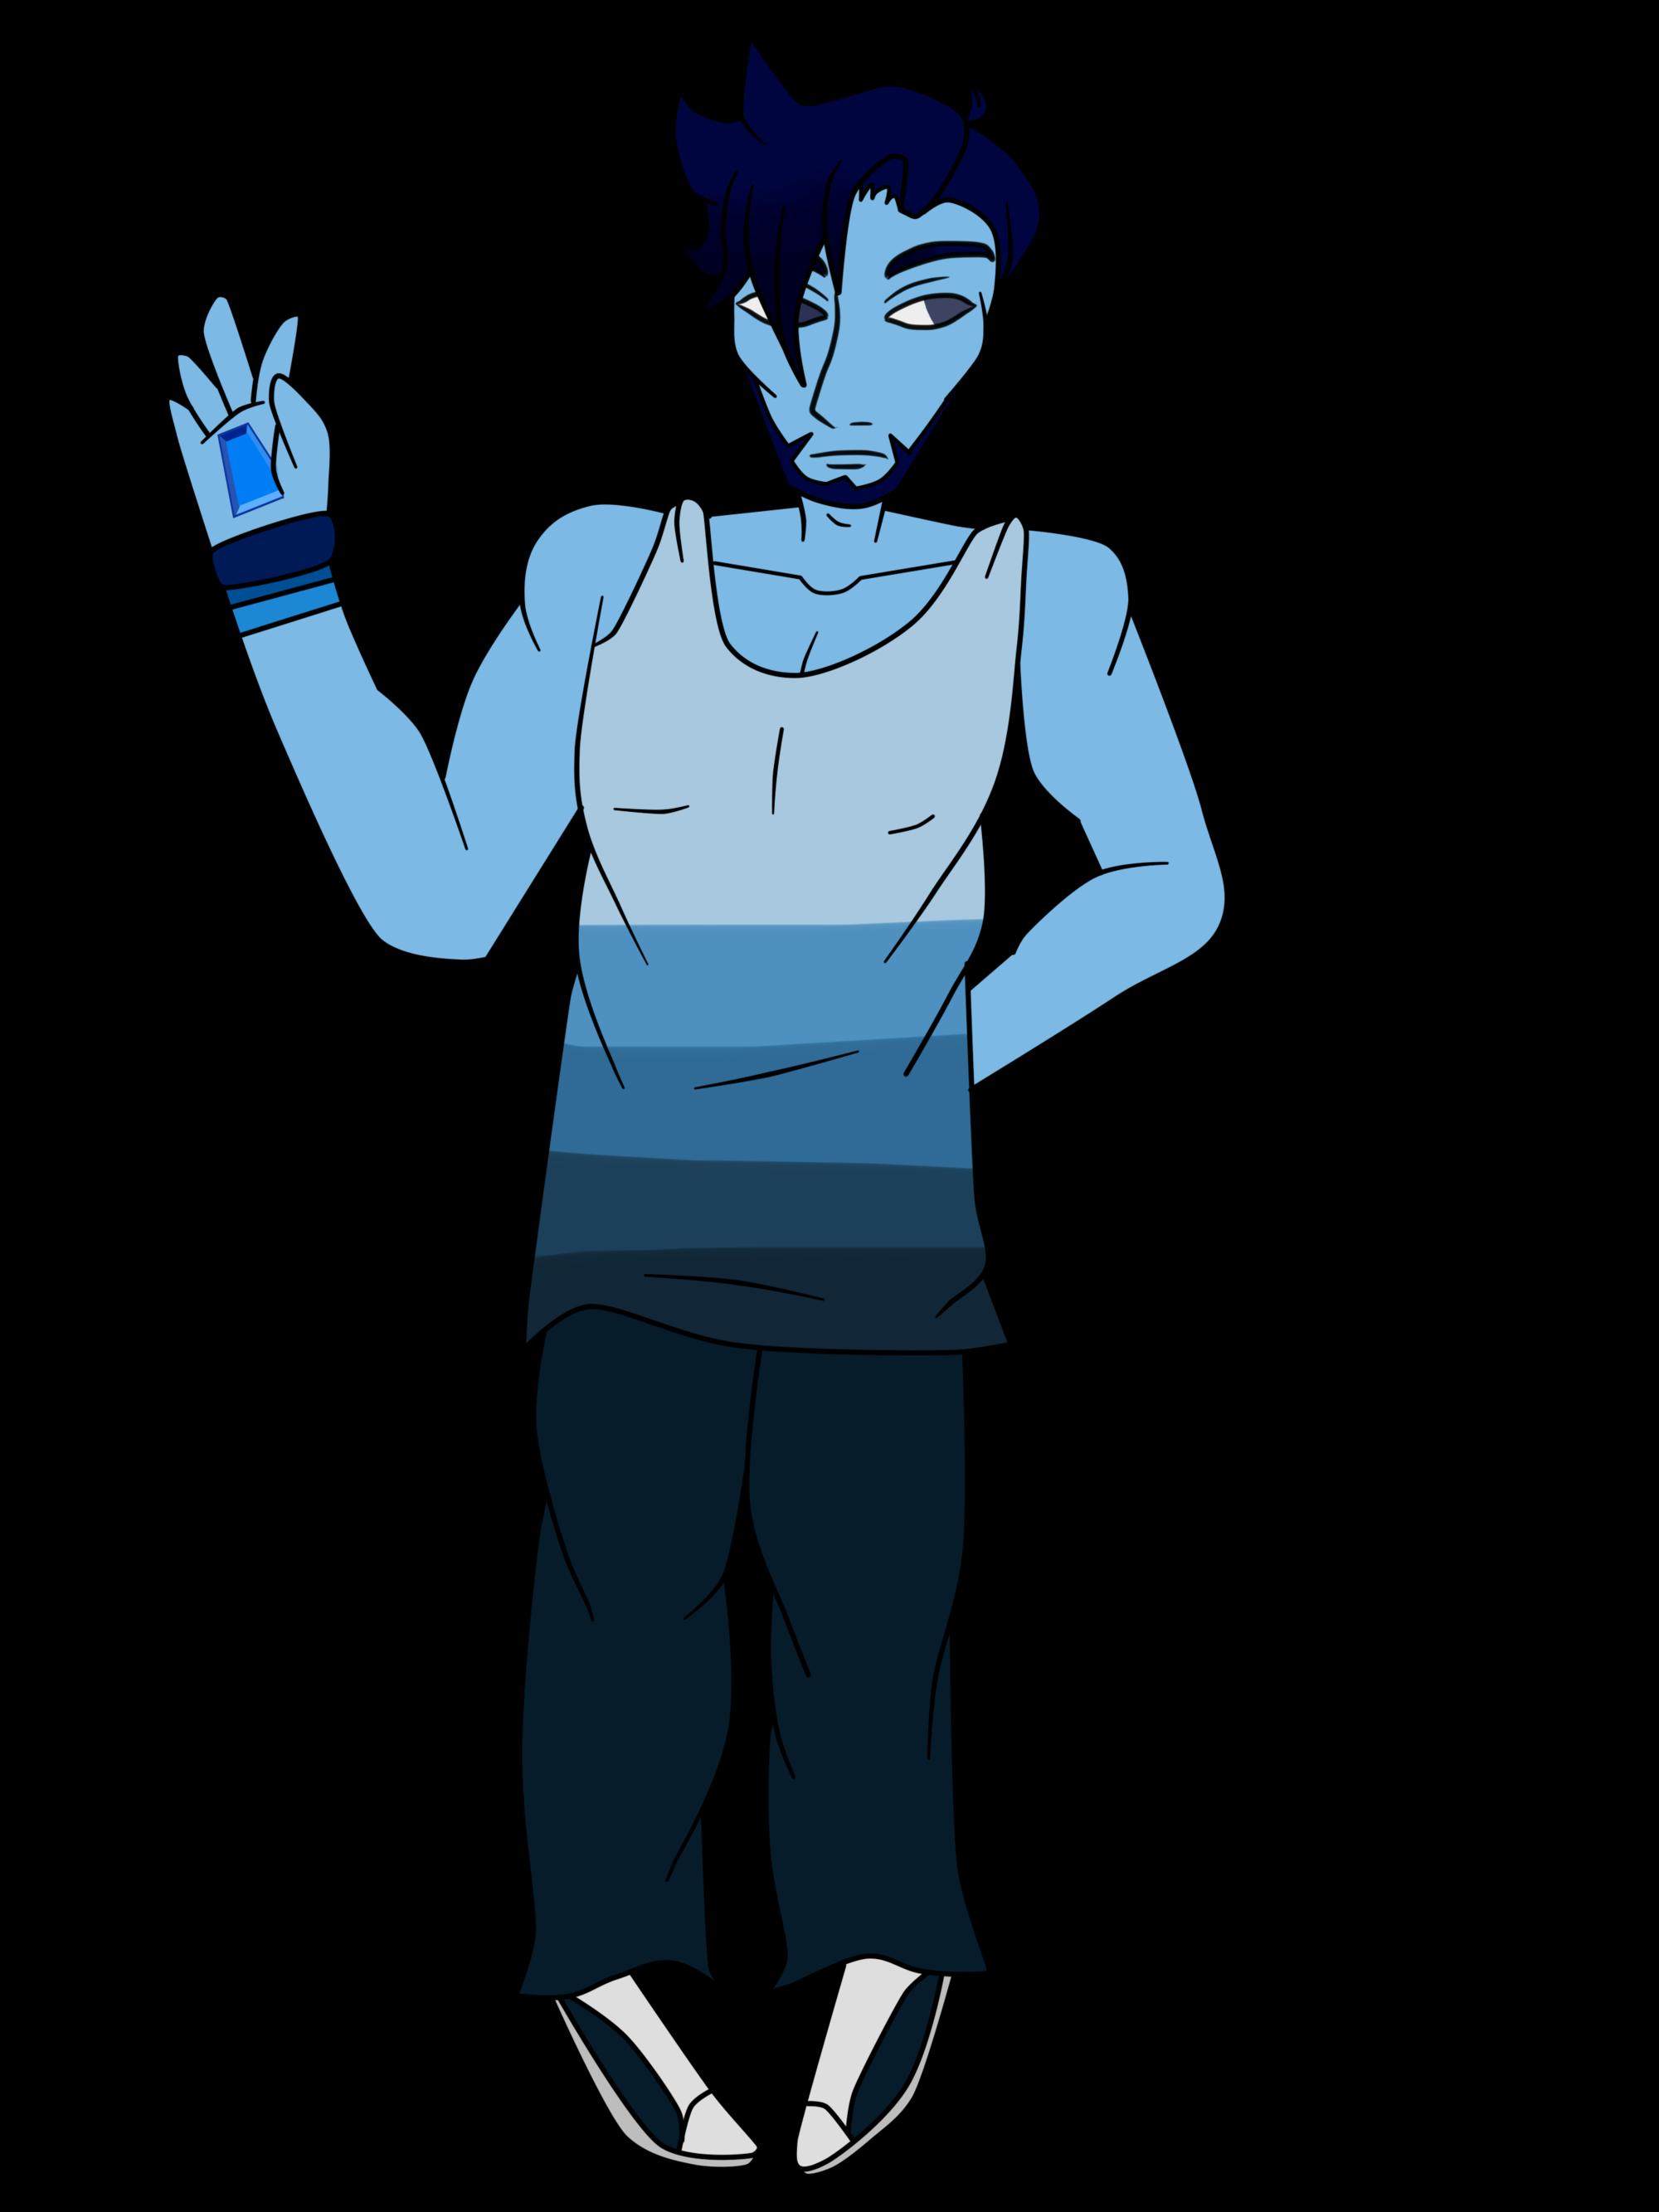 Cobalt aspen steven universe. Fist clipart air sketch